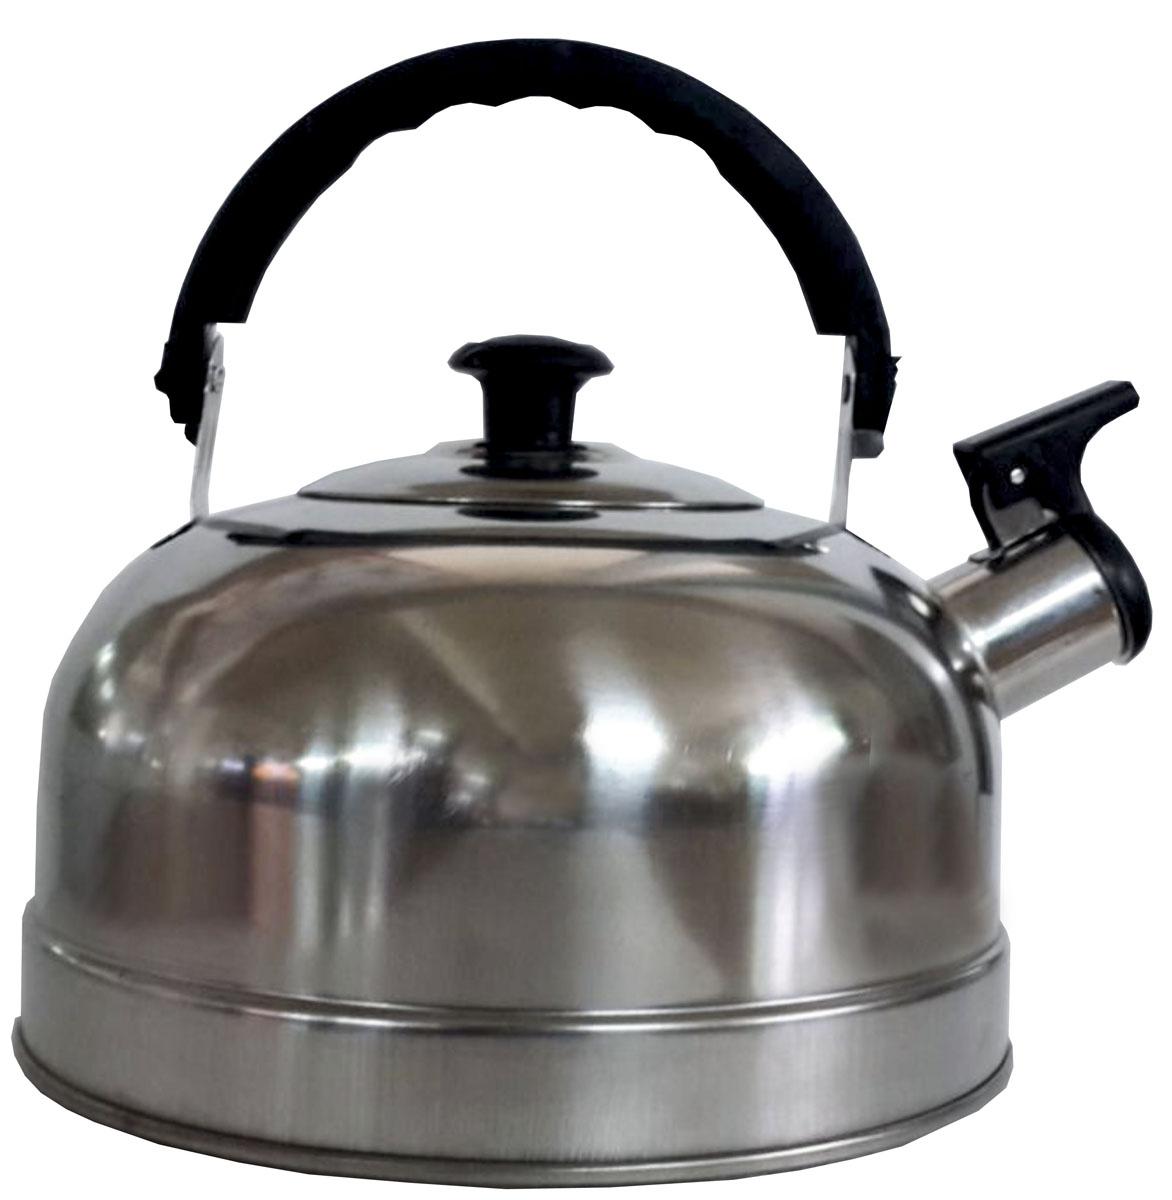 Чайник Irit, со свистком, цвет: серебристый, 1,7 л. IRH-42120029Чайник Irit изготовлен из высококачественной нержавеющей стали, имеет однослойное дно. Нержавеющая сталь обладает высокой устойчивостью к коррозии, не вступает в реакцию с холодными и горячими продуктами и полностью сохраняет их вкусовые качества. Чайник оснащен удобной ручкой из термостойкого пластика, которая не нагревается. Носик чайника имеет откидной свисток, звуковой сигнал которого подскажет, когда закипит вода.